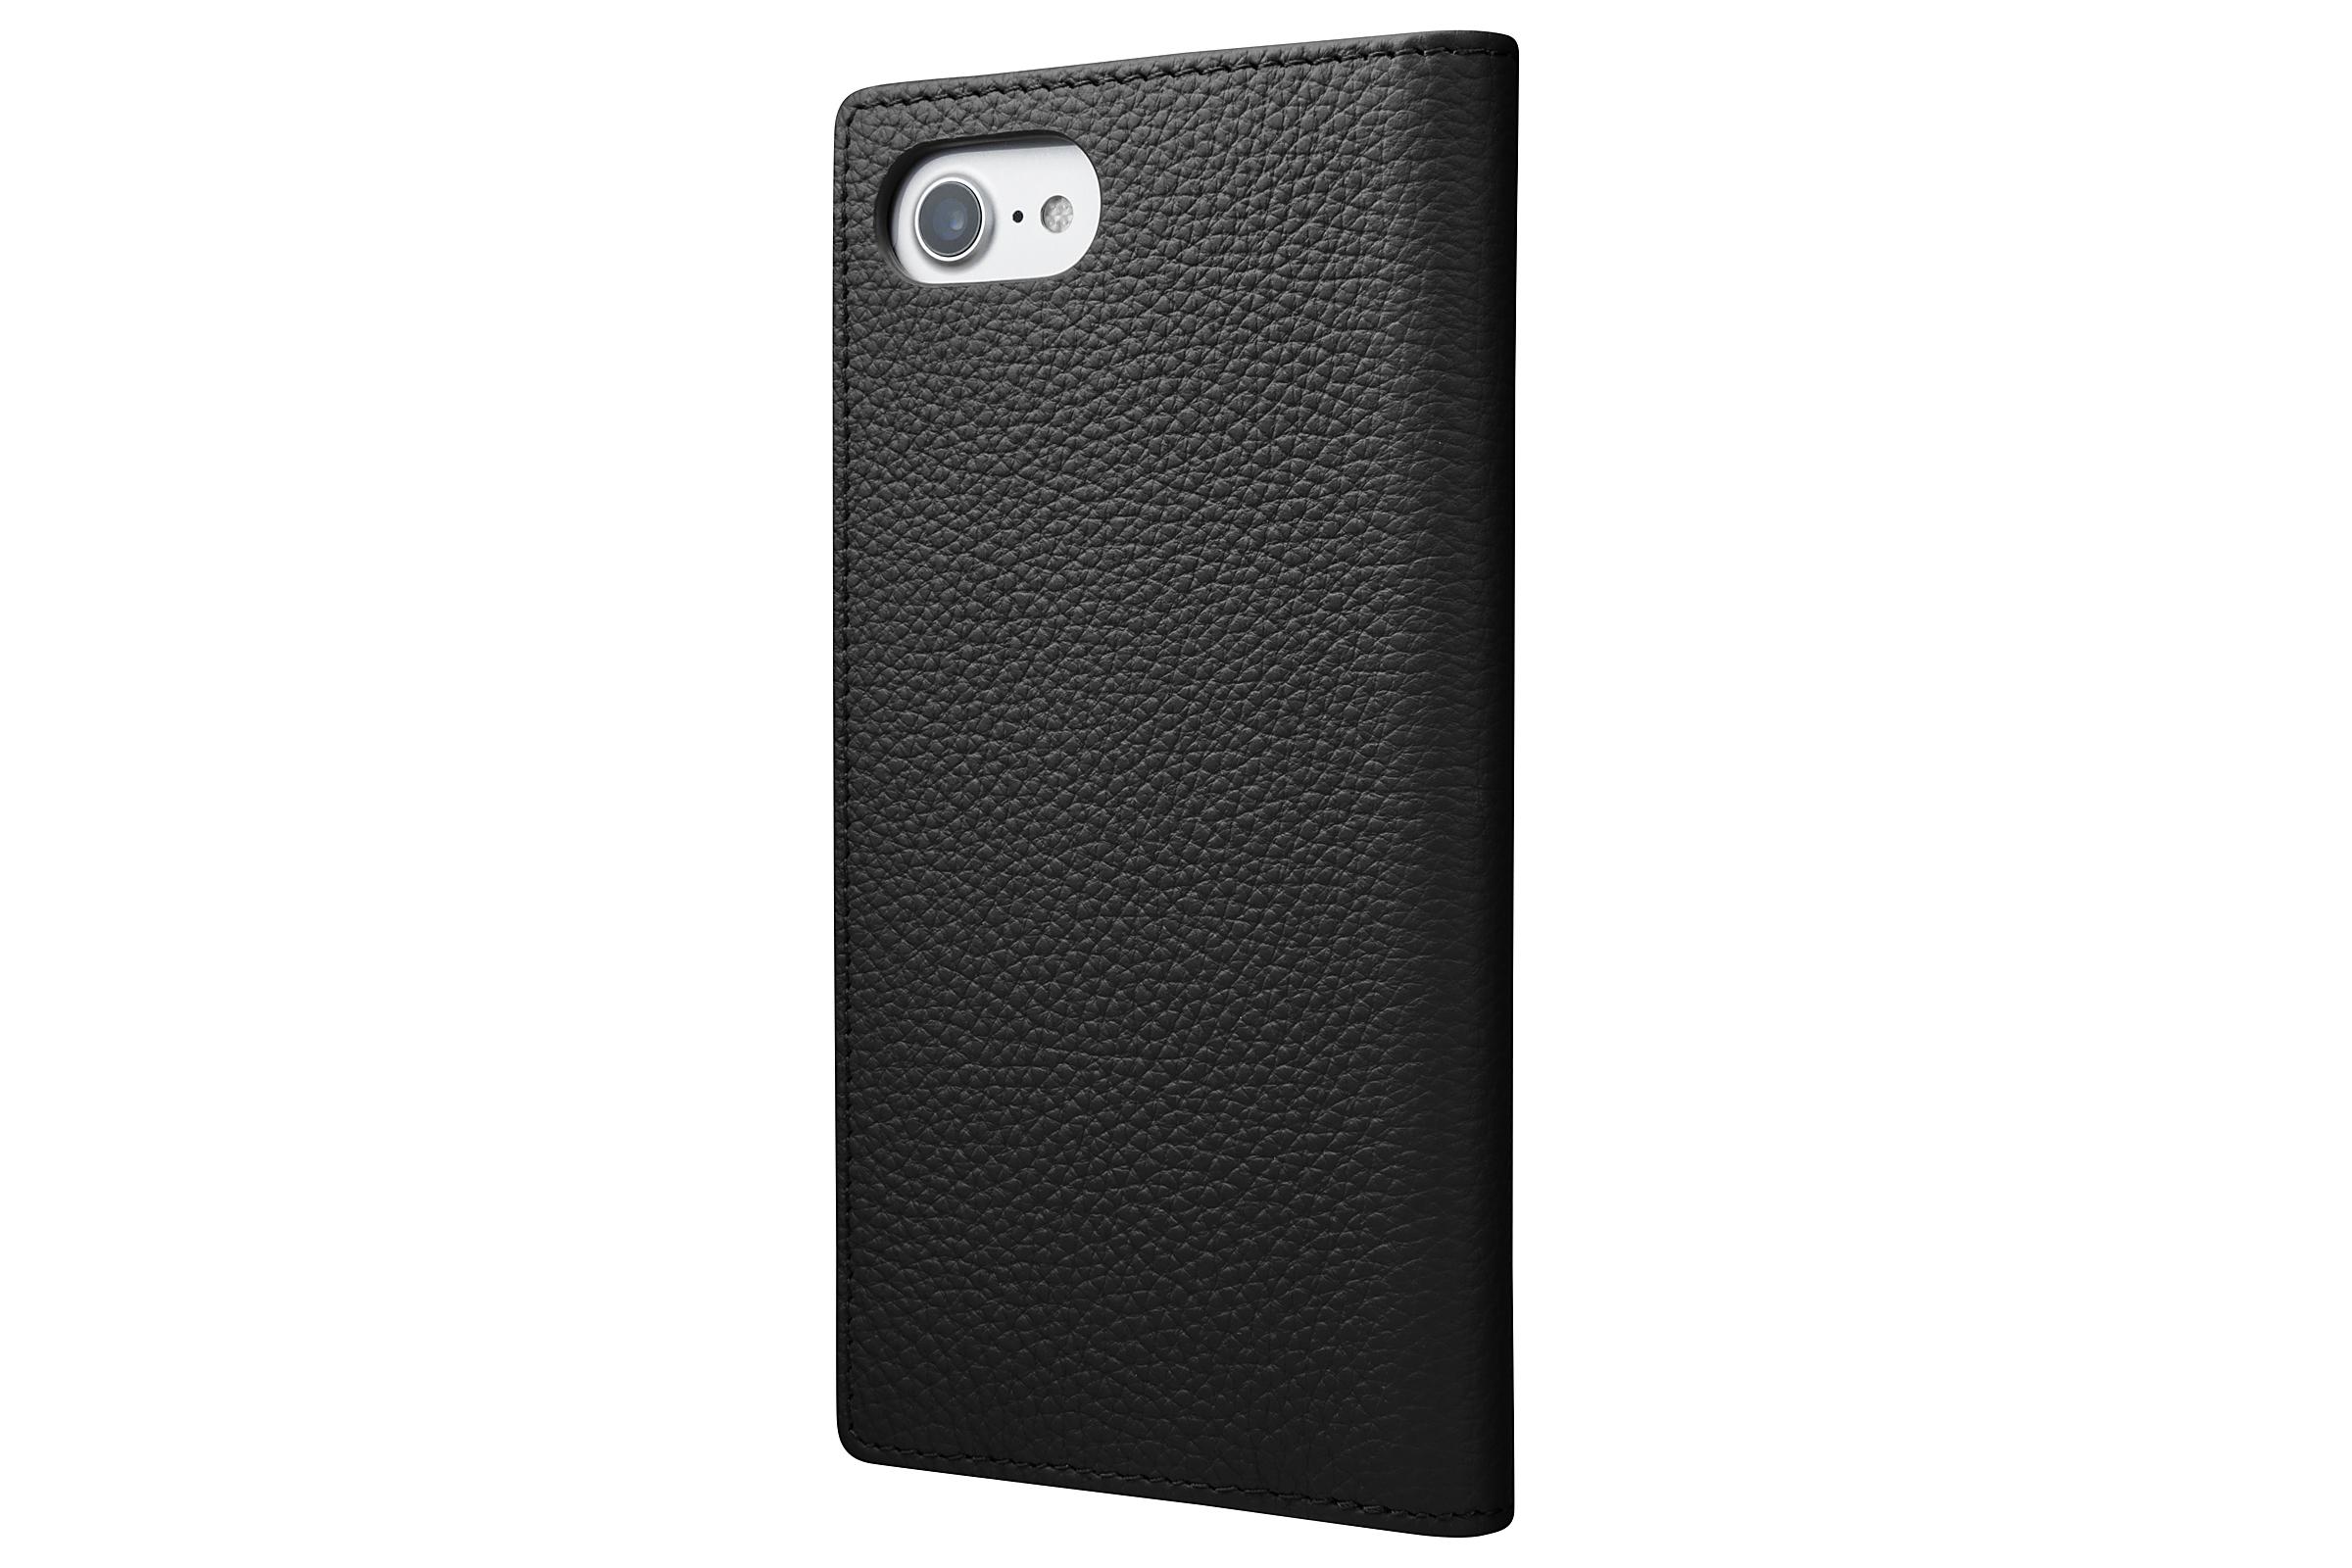 GRAMAS Shrunken-calf Full Leather Case for iPhone 7(Black) シュランケンカーフ 手帳型フルレザーケース GLC646BK - 画像2